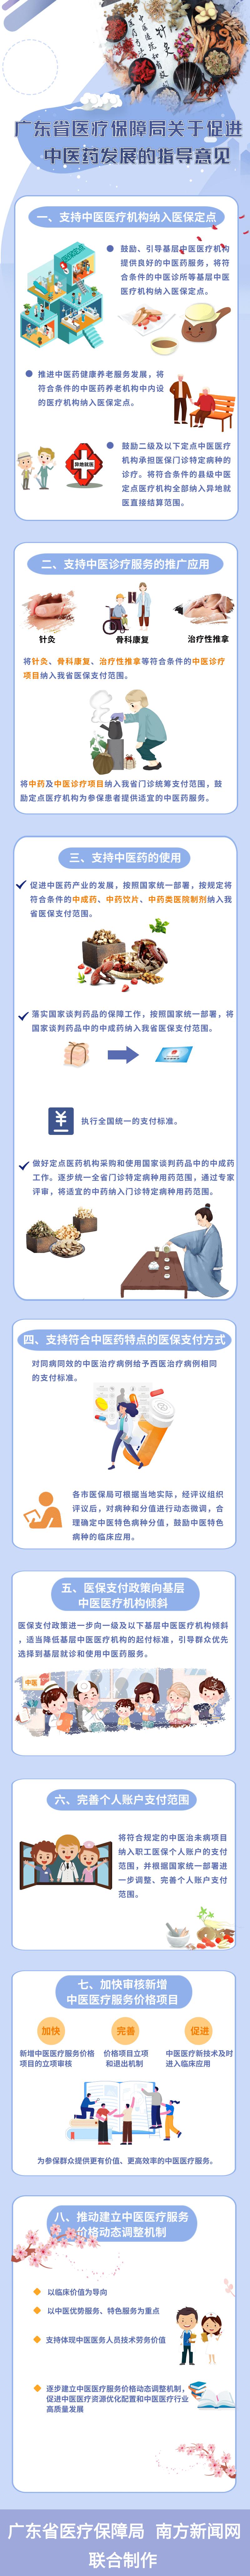 广东省医疗保障局关于促进中医药发展的指导意见.png